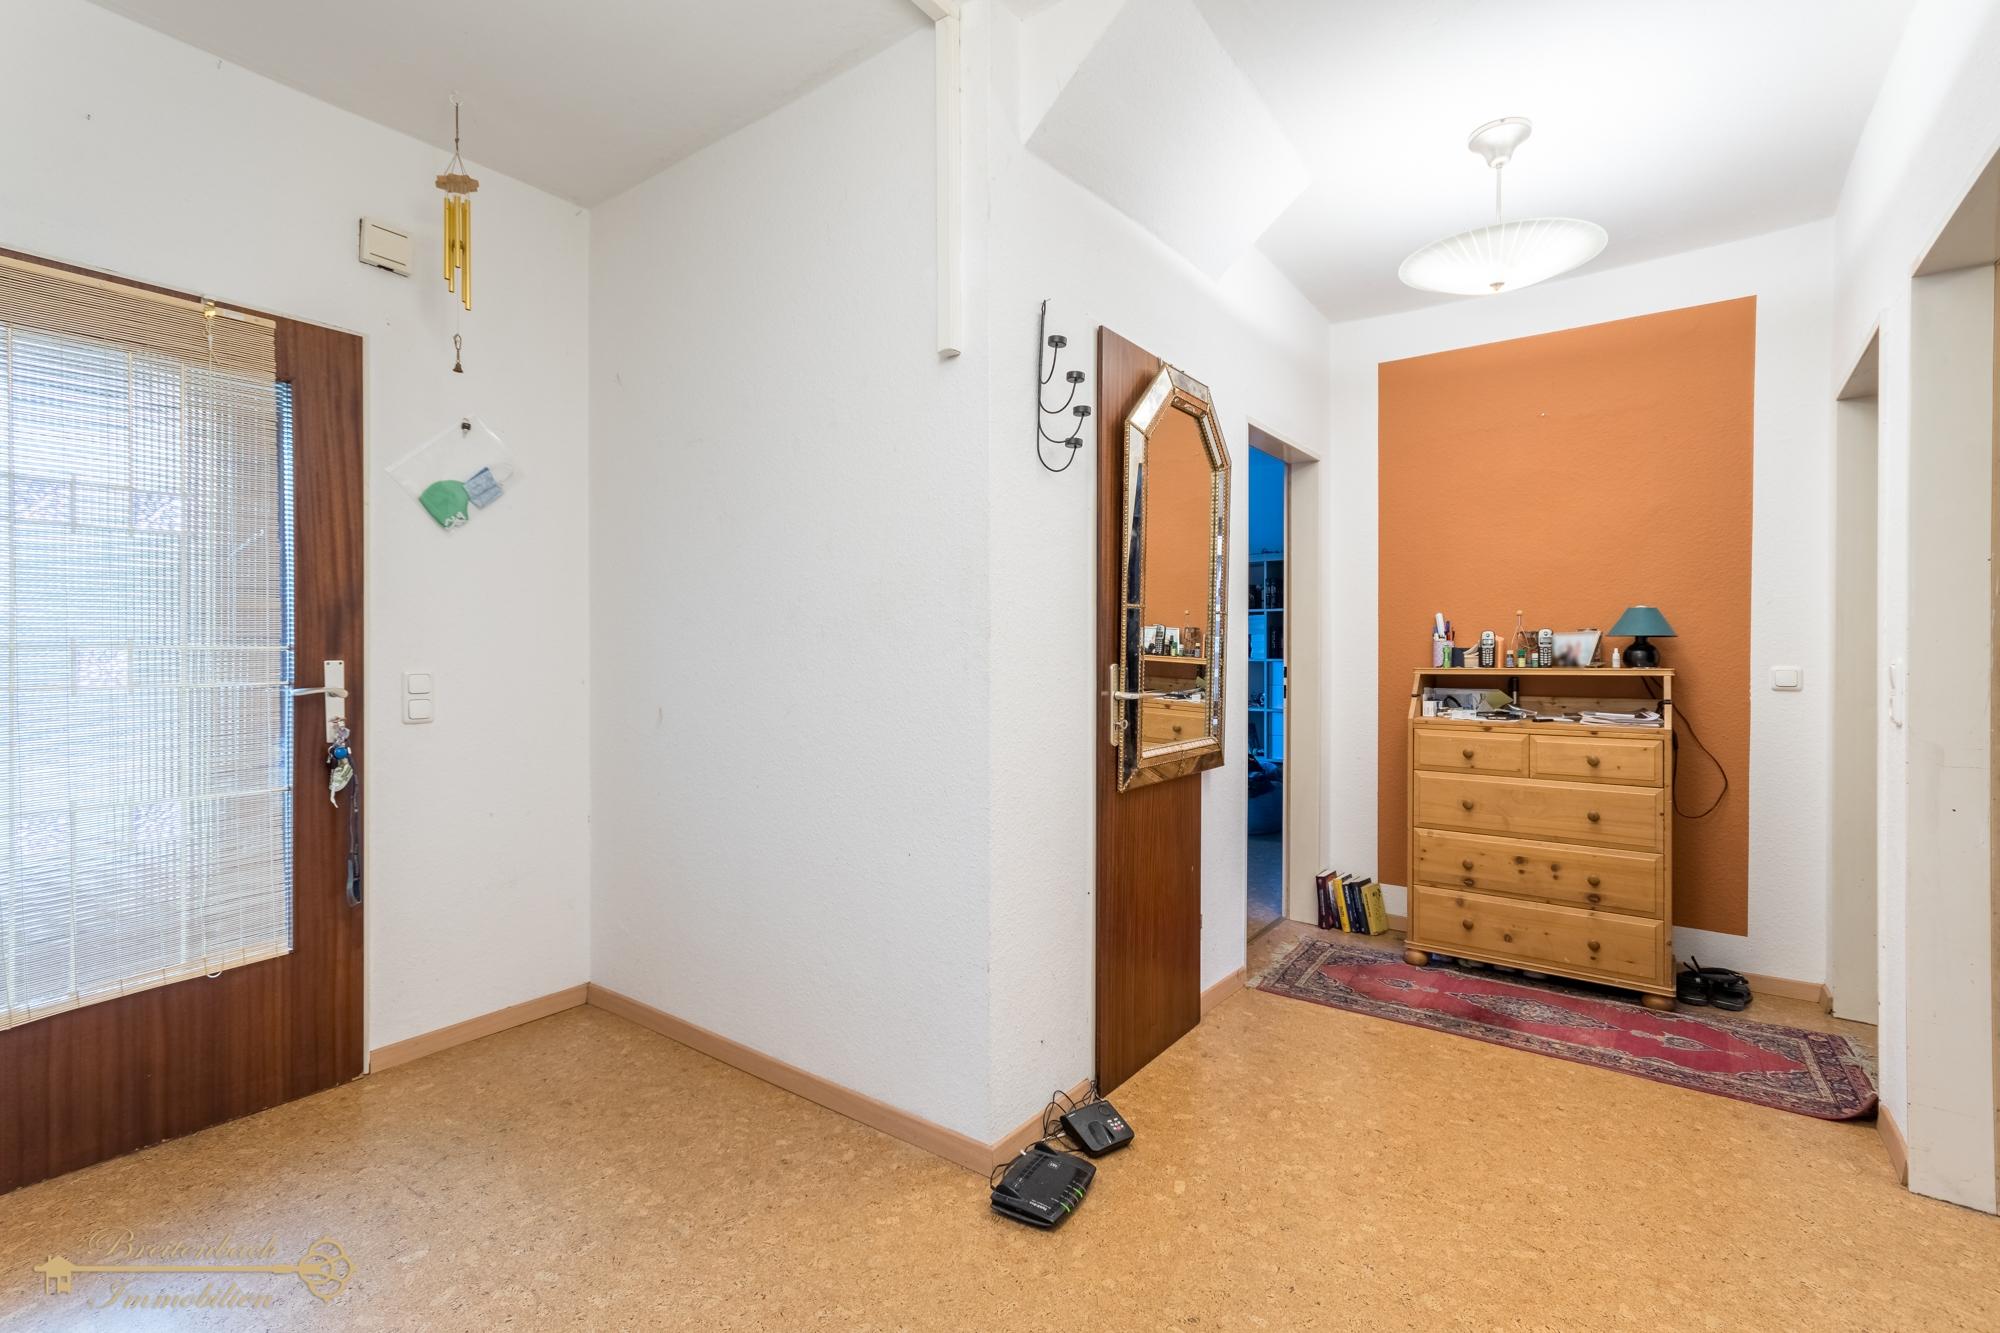 2020-11-21-Breitenbach-Immobilien-1